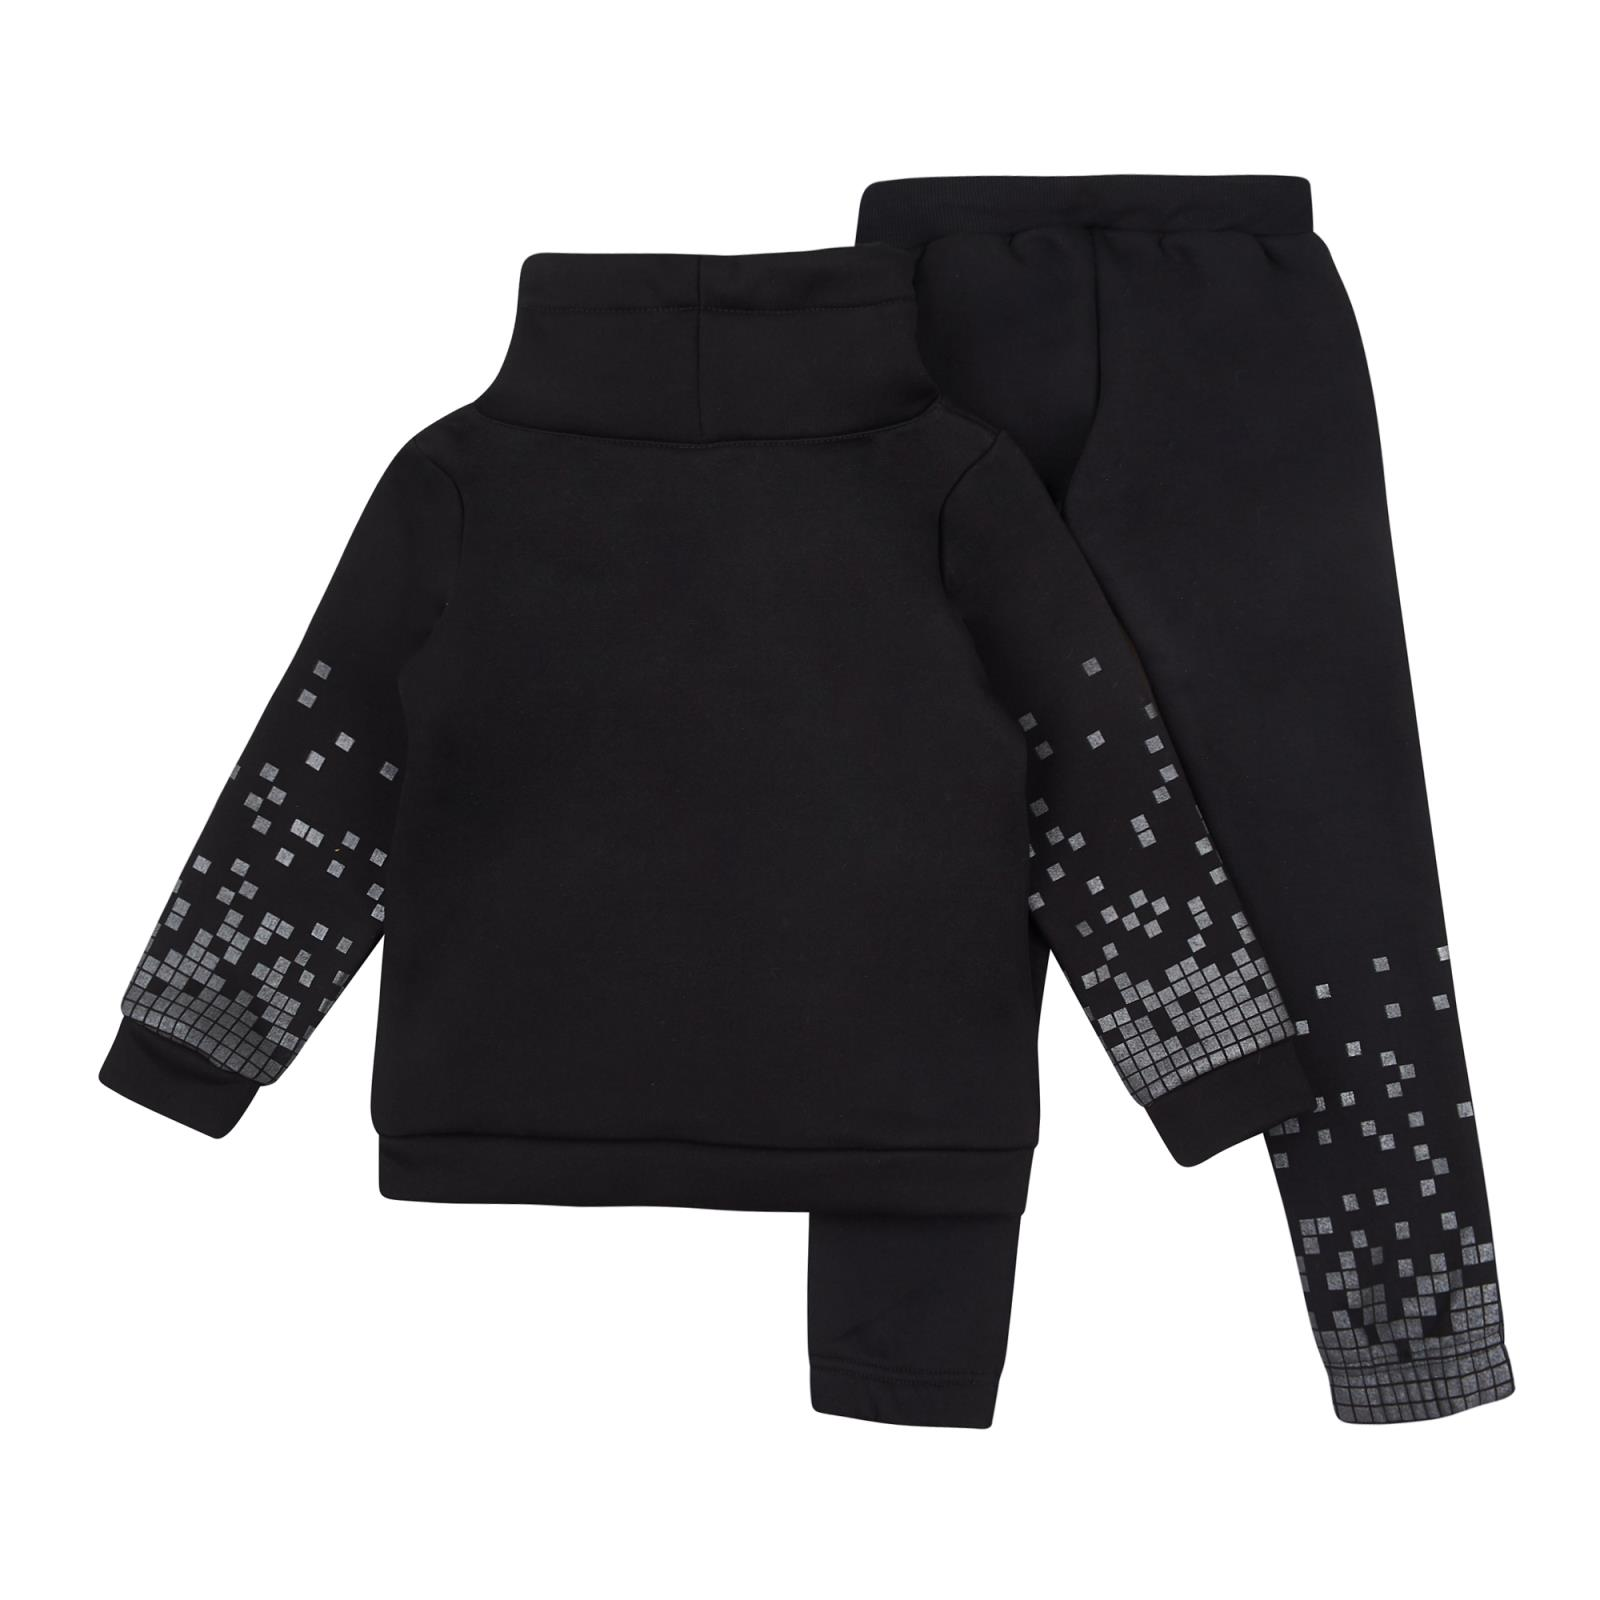 Спортивный костюм детские O! Kids Clothing модель OKC~96278-1 цена, 2017